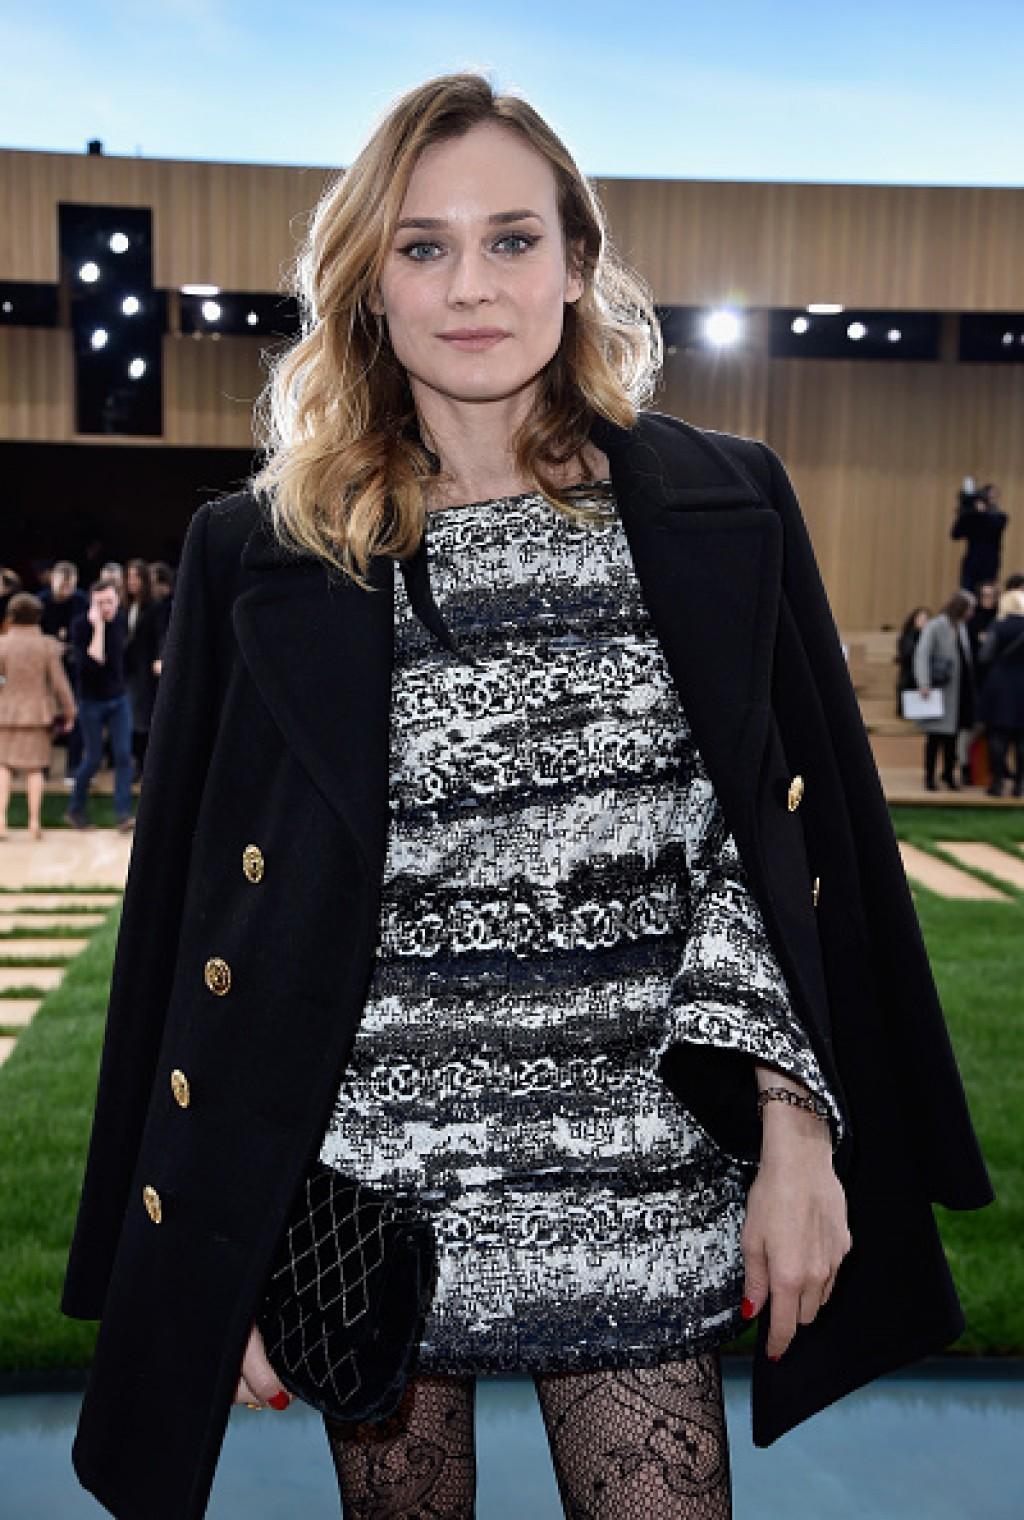 Chanel-Outside-Arrivals-Paris-Fashion-Week-D-1024x1520